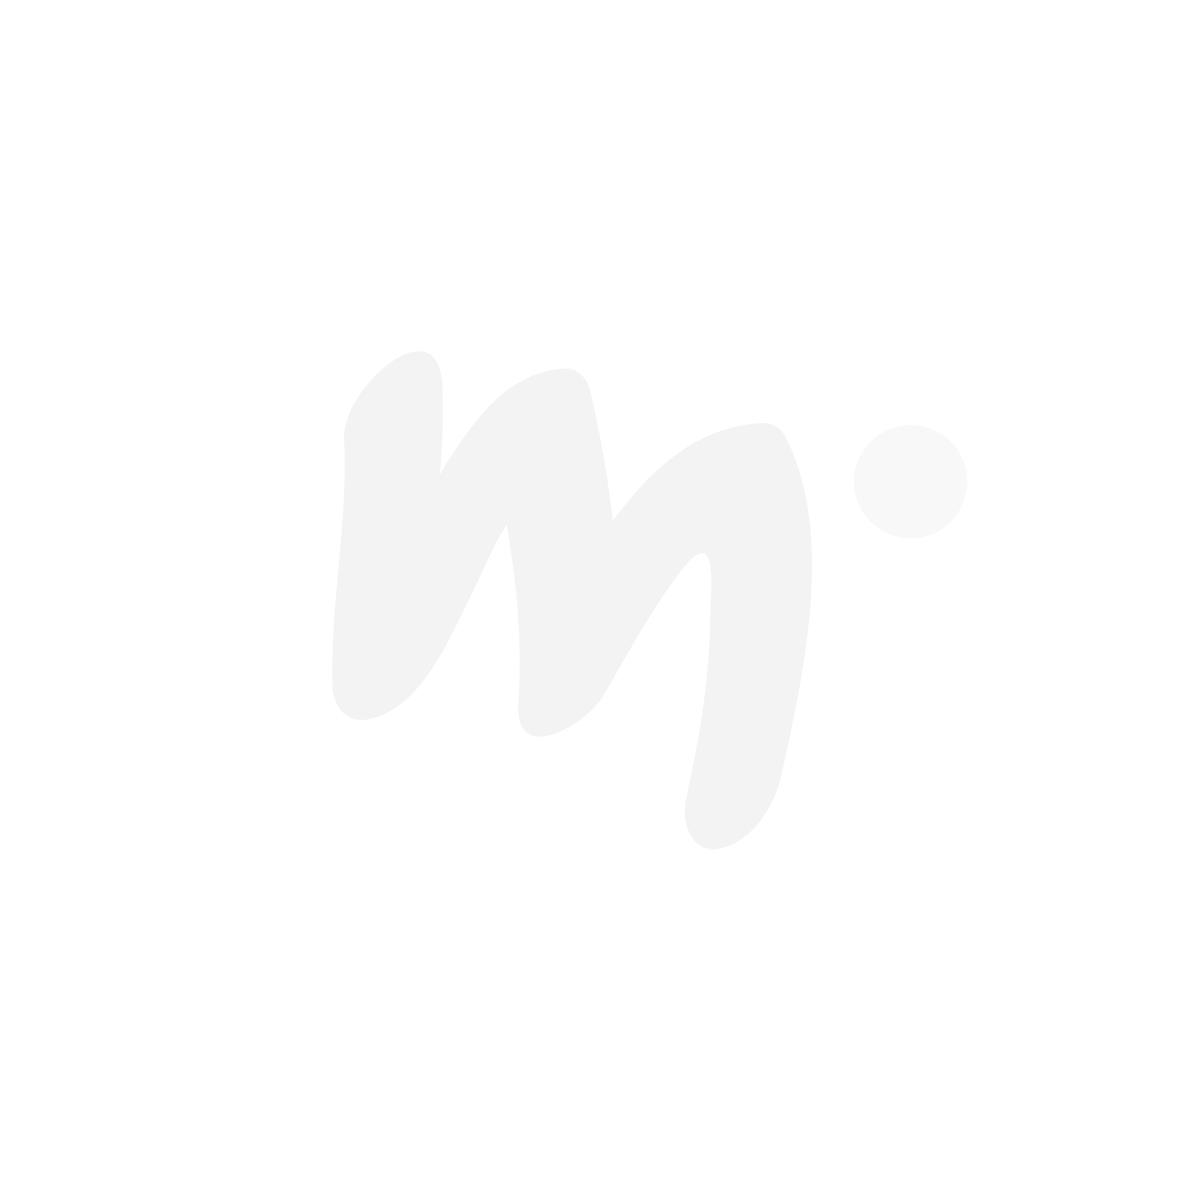 Peppi Pitkätossu Namskis-pipo vaaleanpunainen